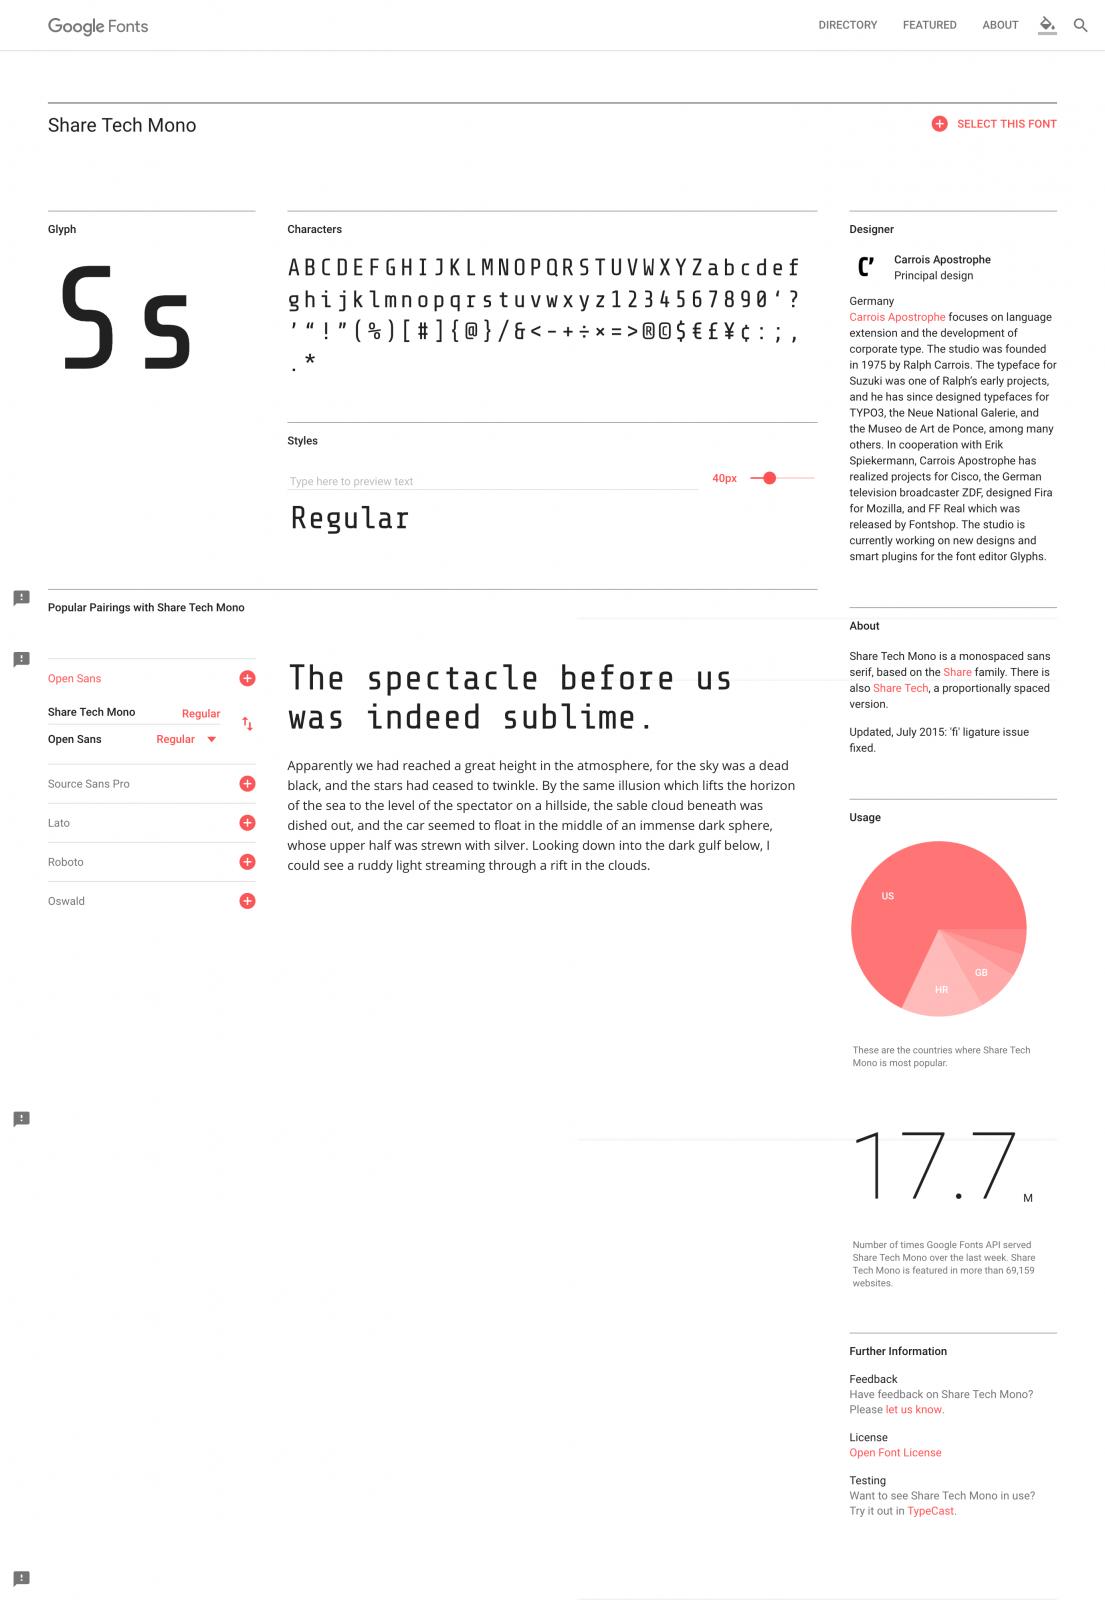 Share Tech Mono - Google Fonts